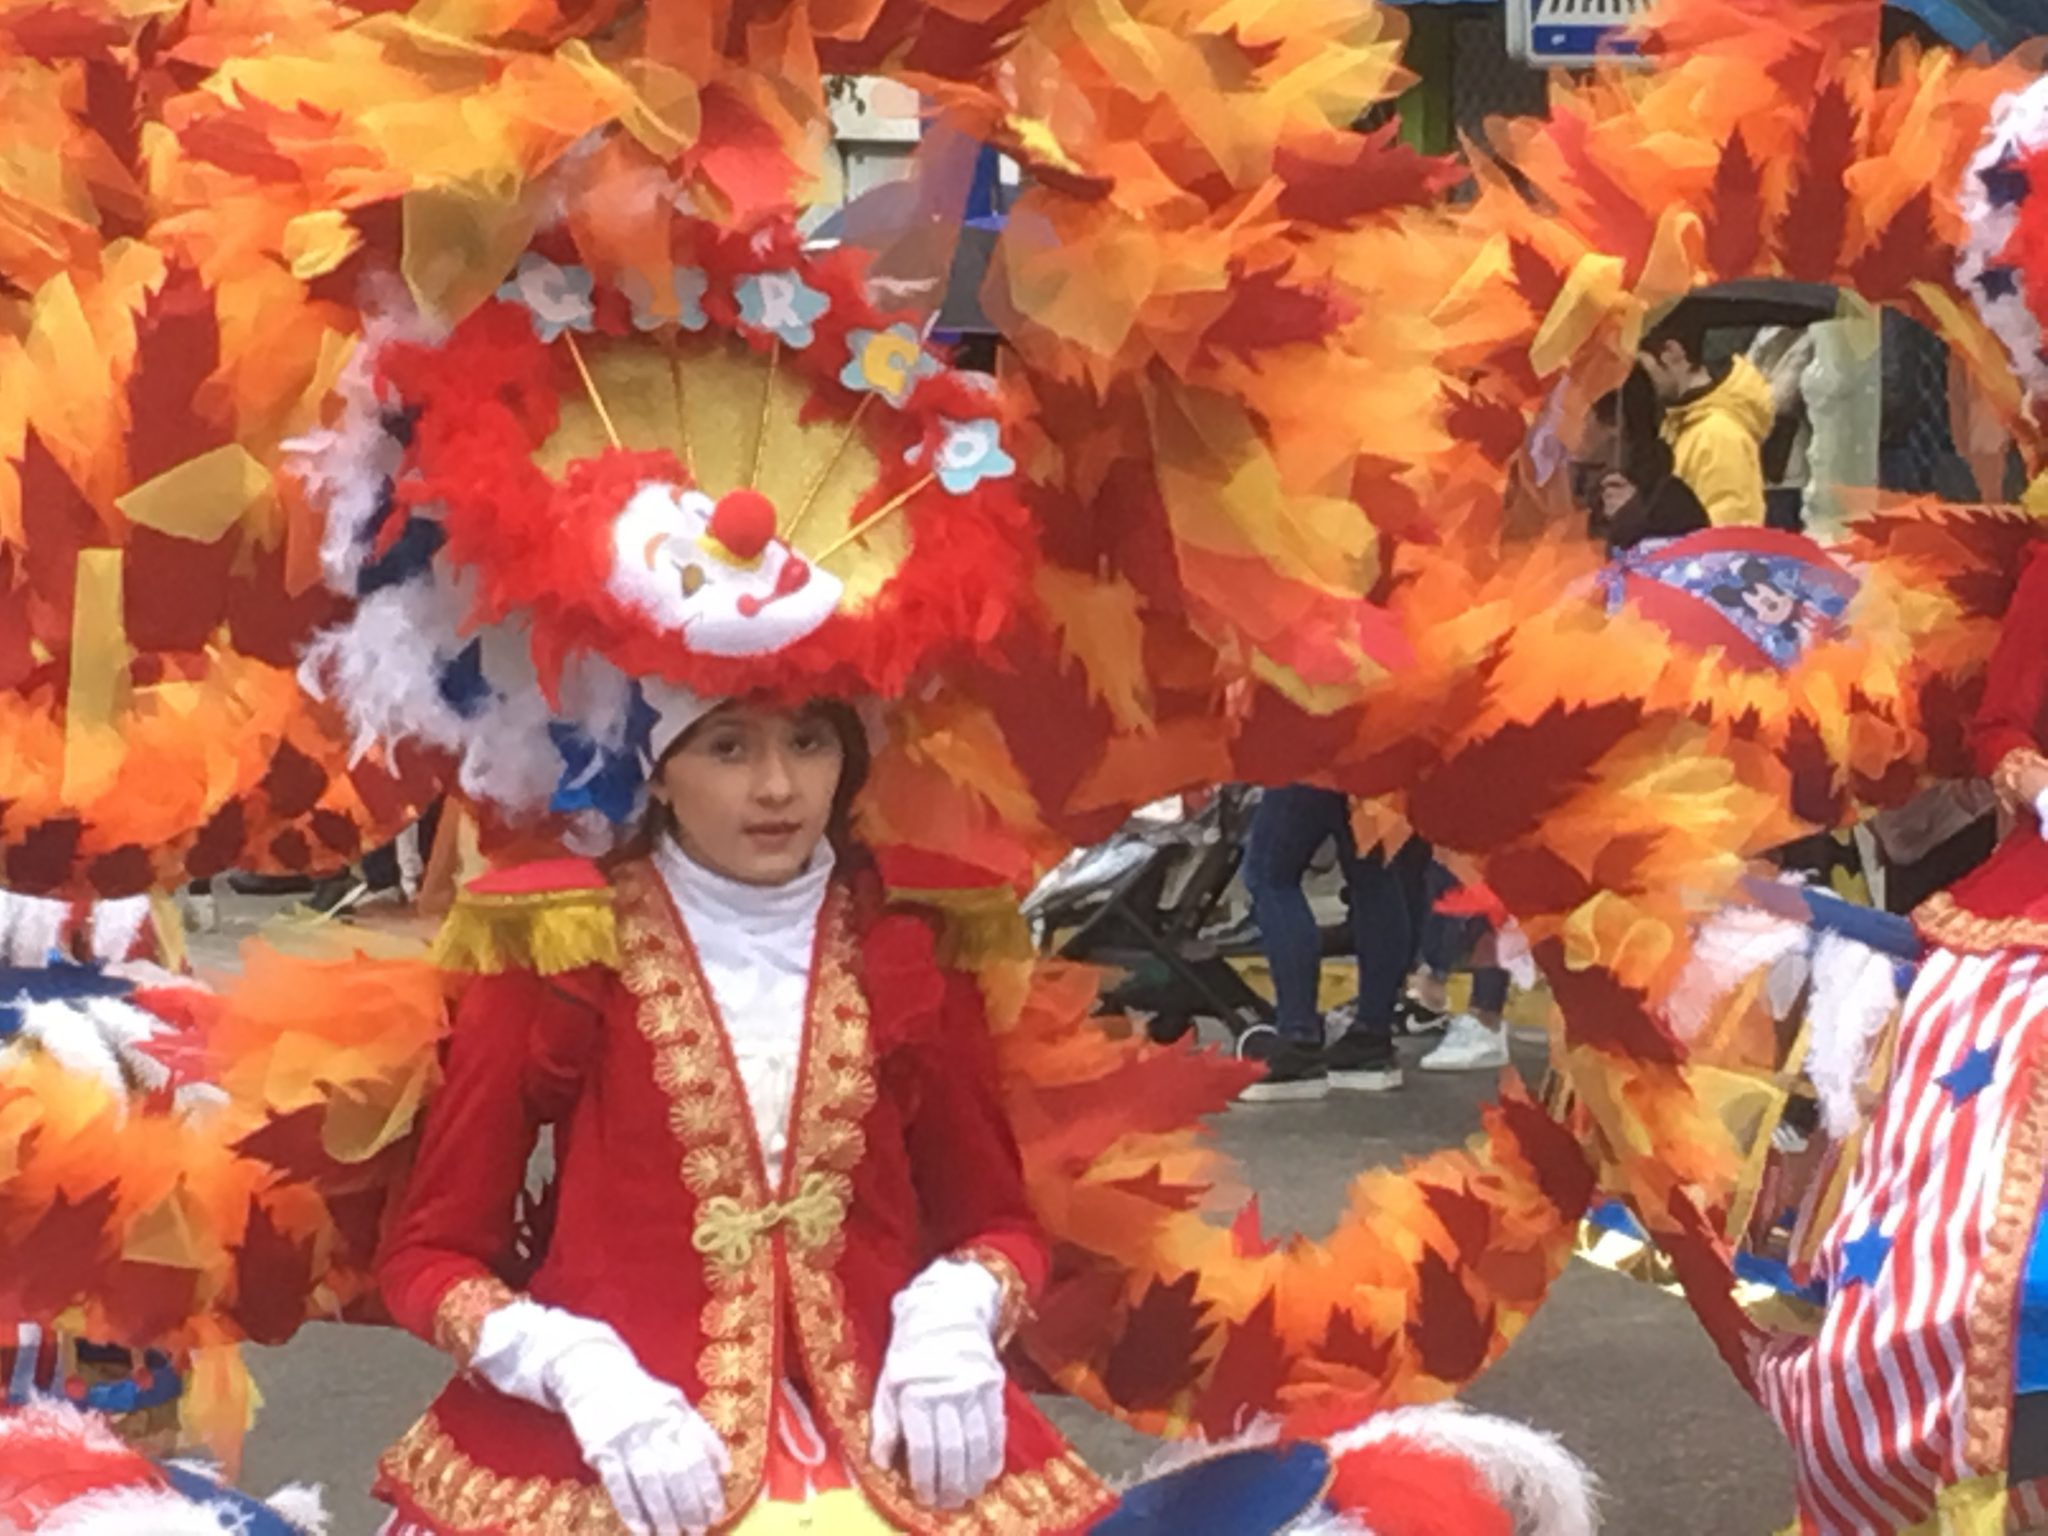 Álbum de fotos del martes de Carnaval 2019 en Ponferrada 19